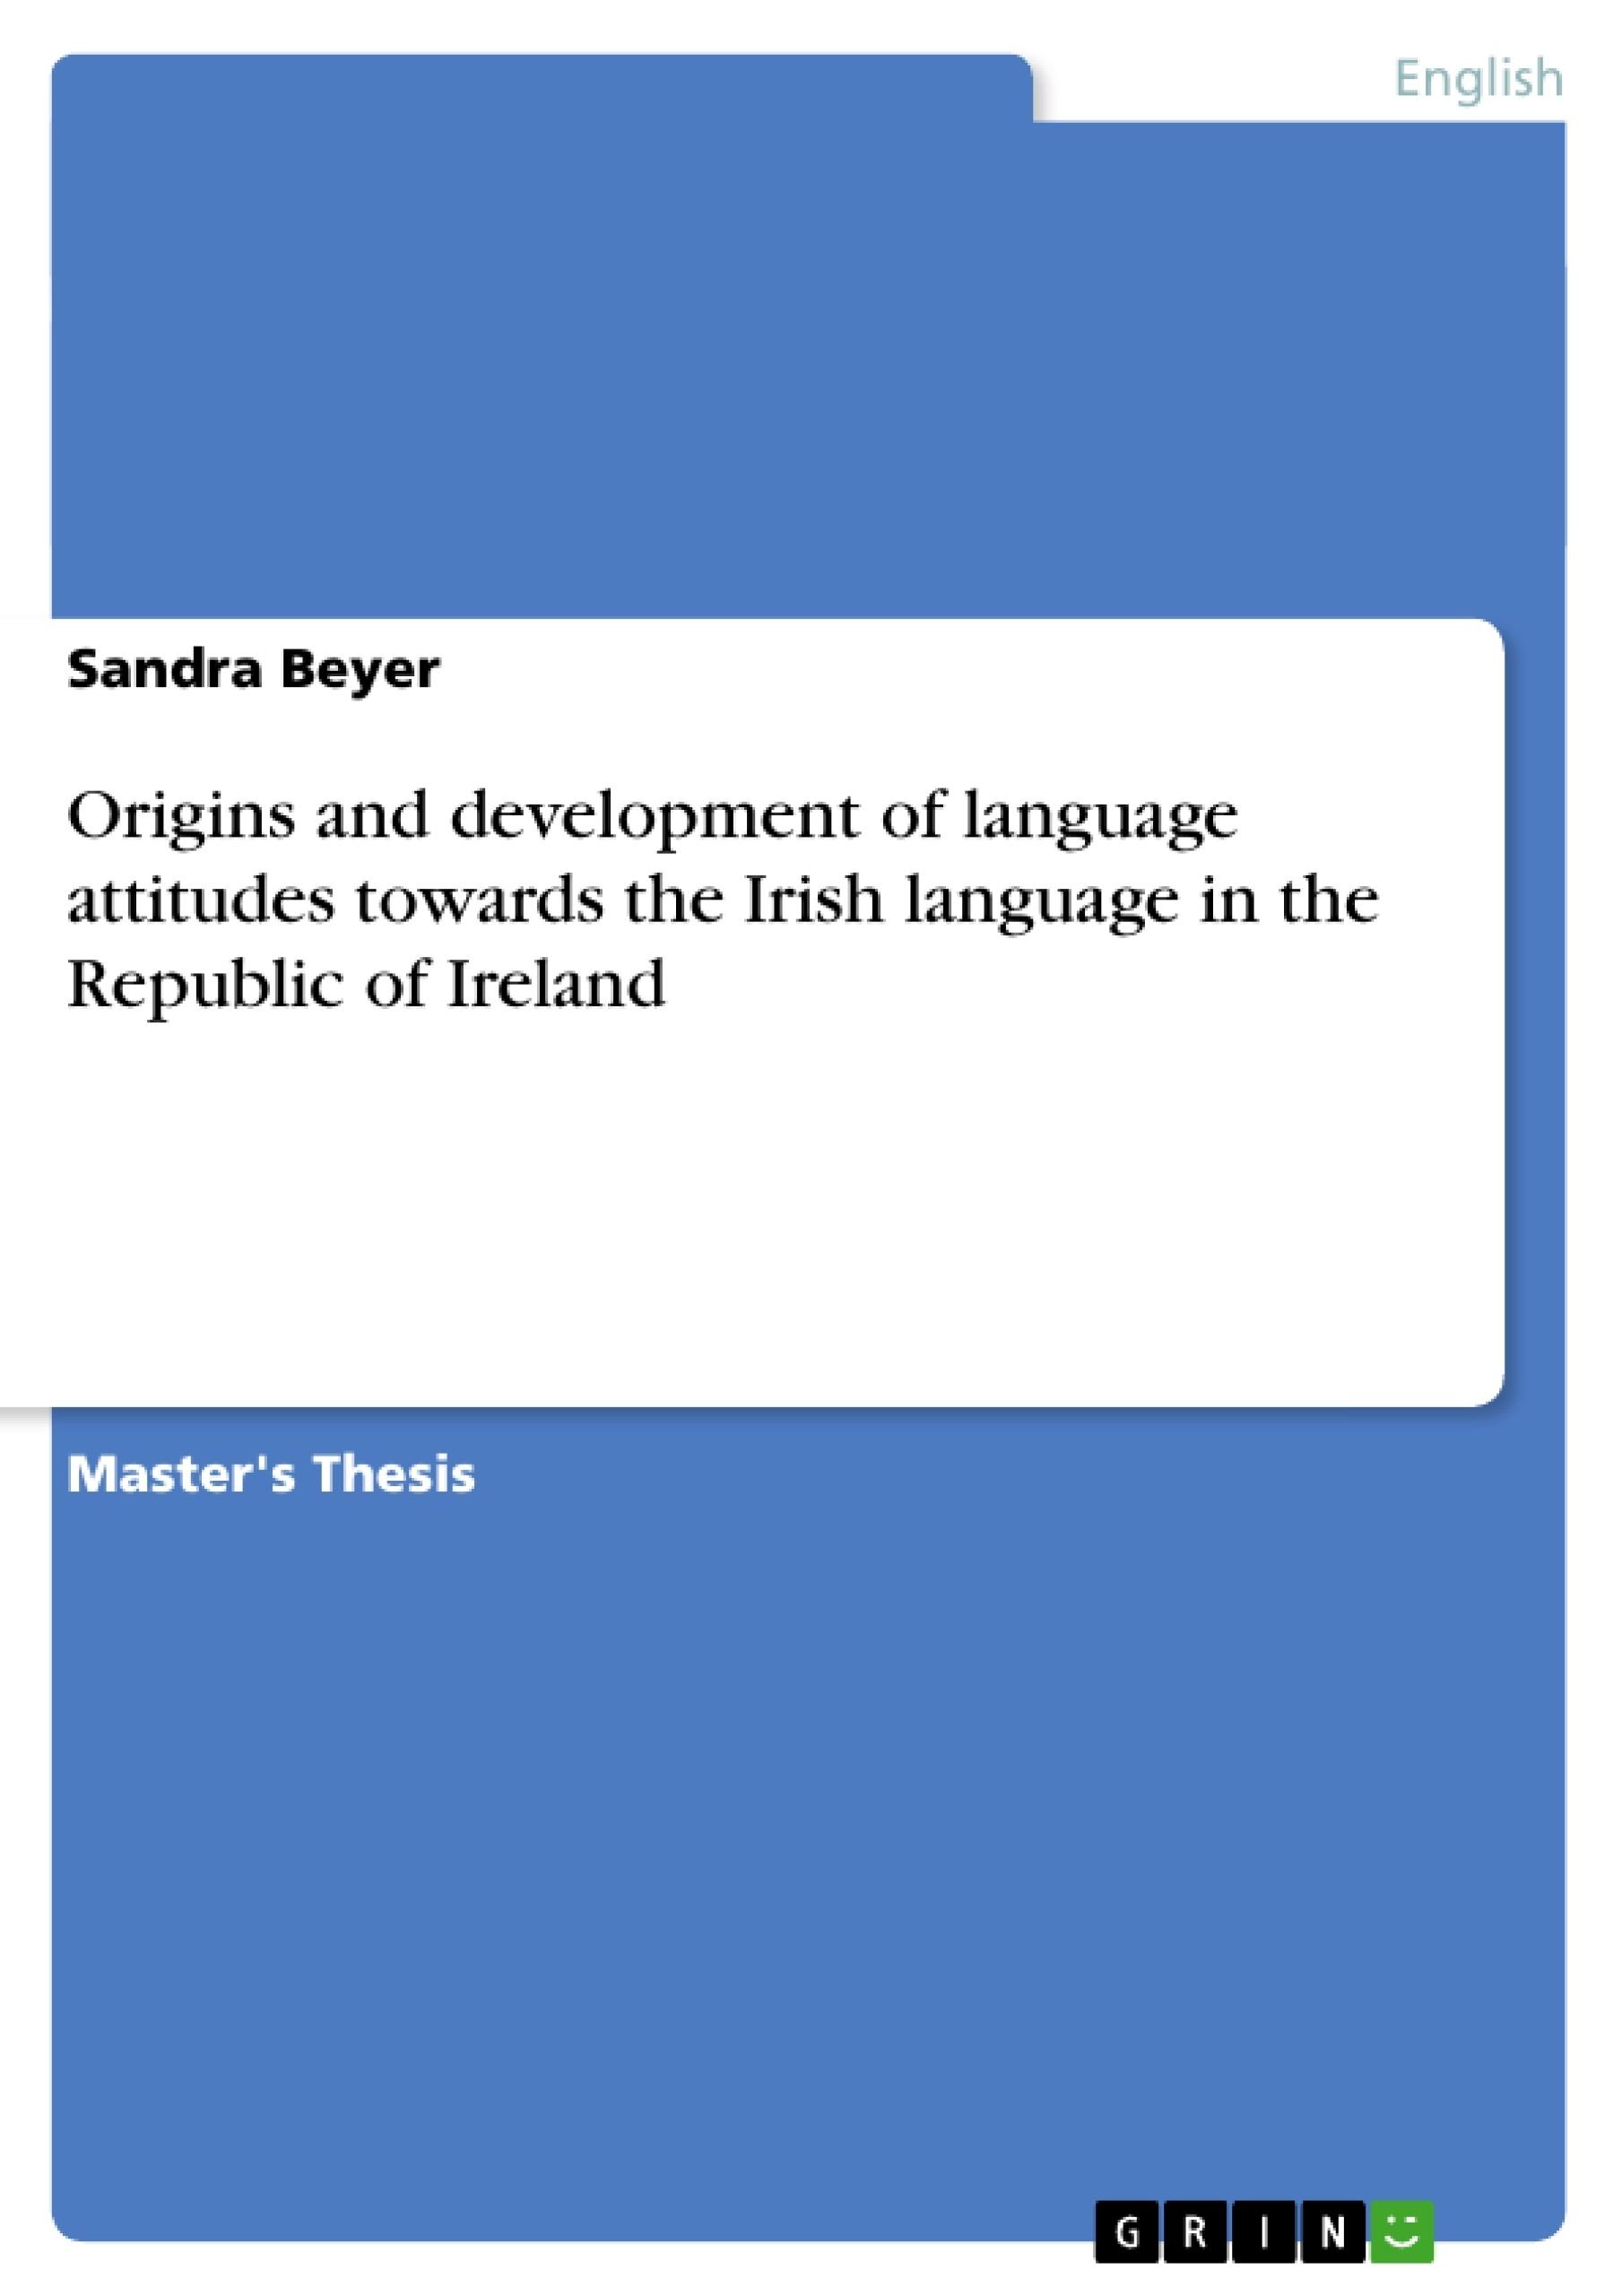 conclusion on language development